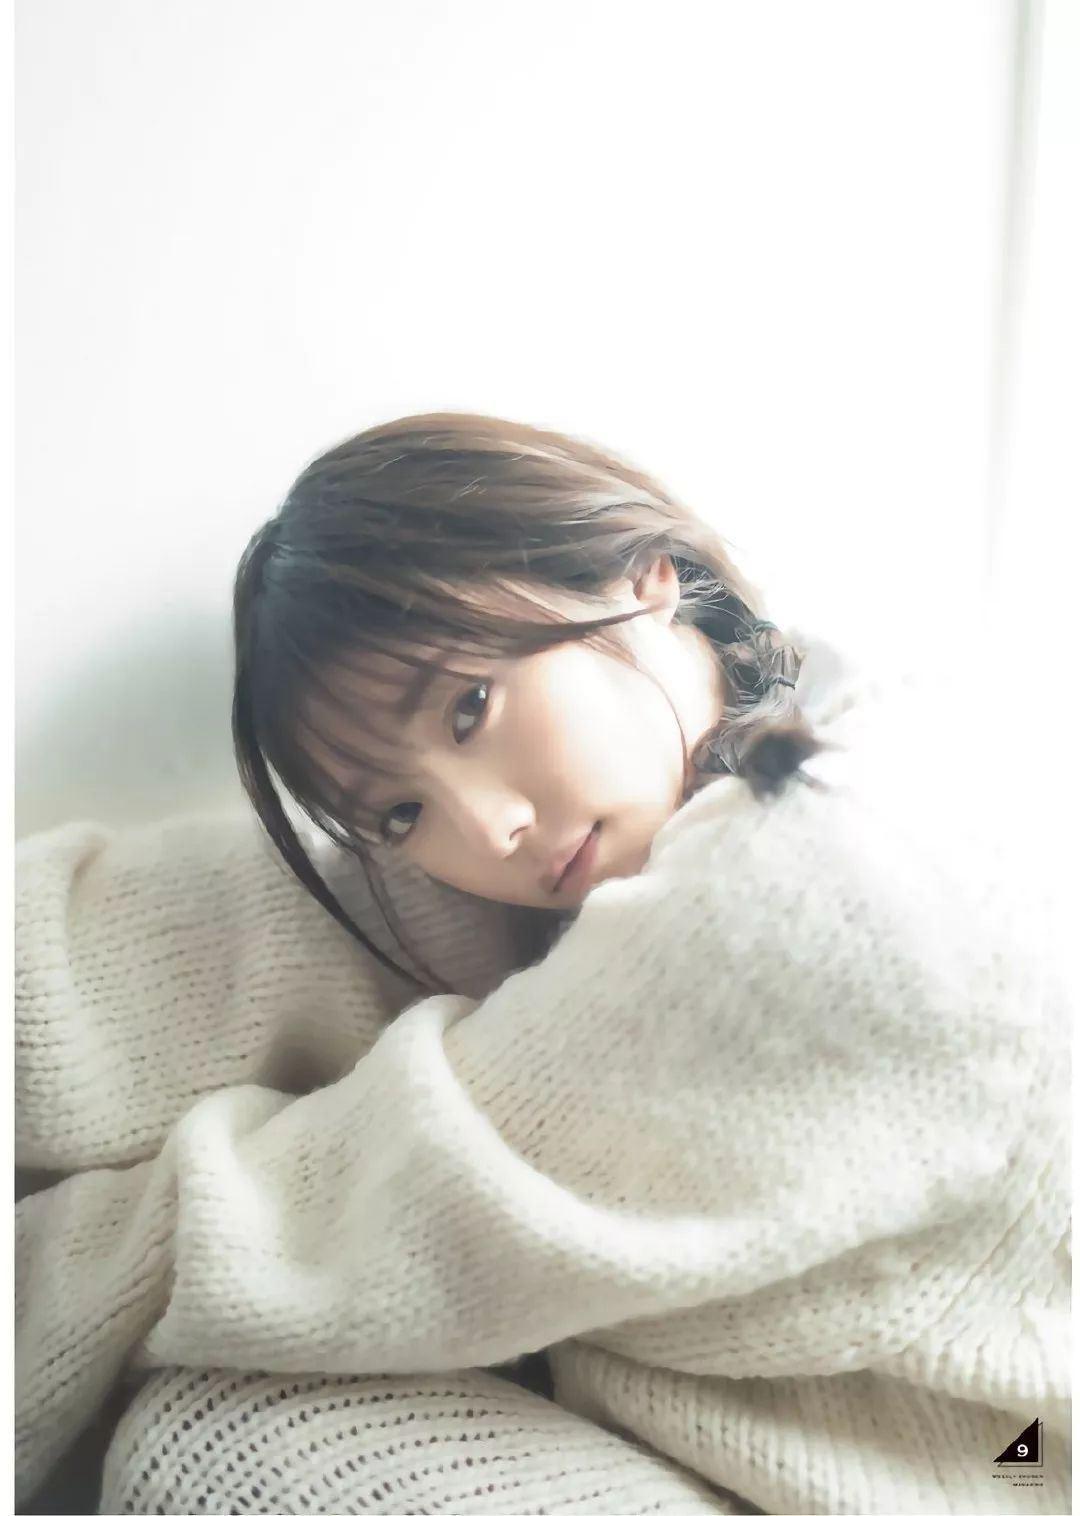 乃木坂46萌系女神与田祐希写真集「东京一人旅」